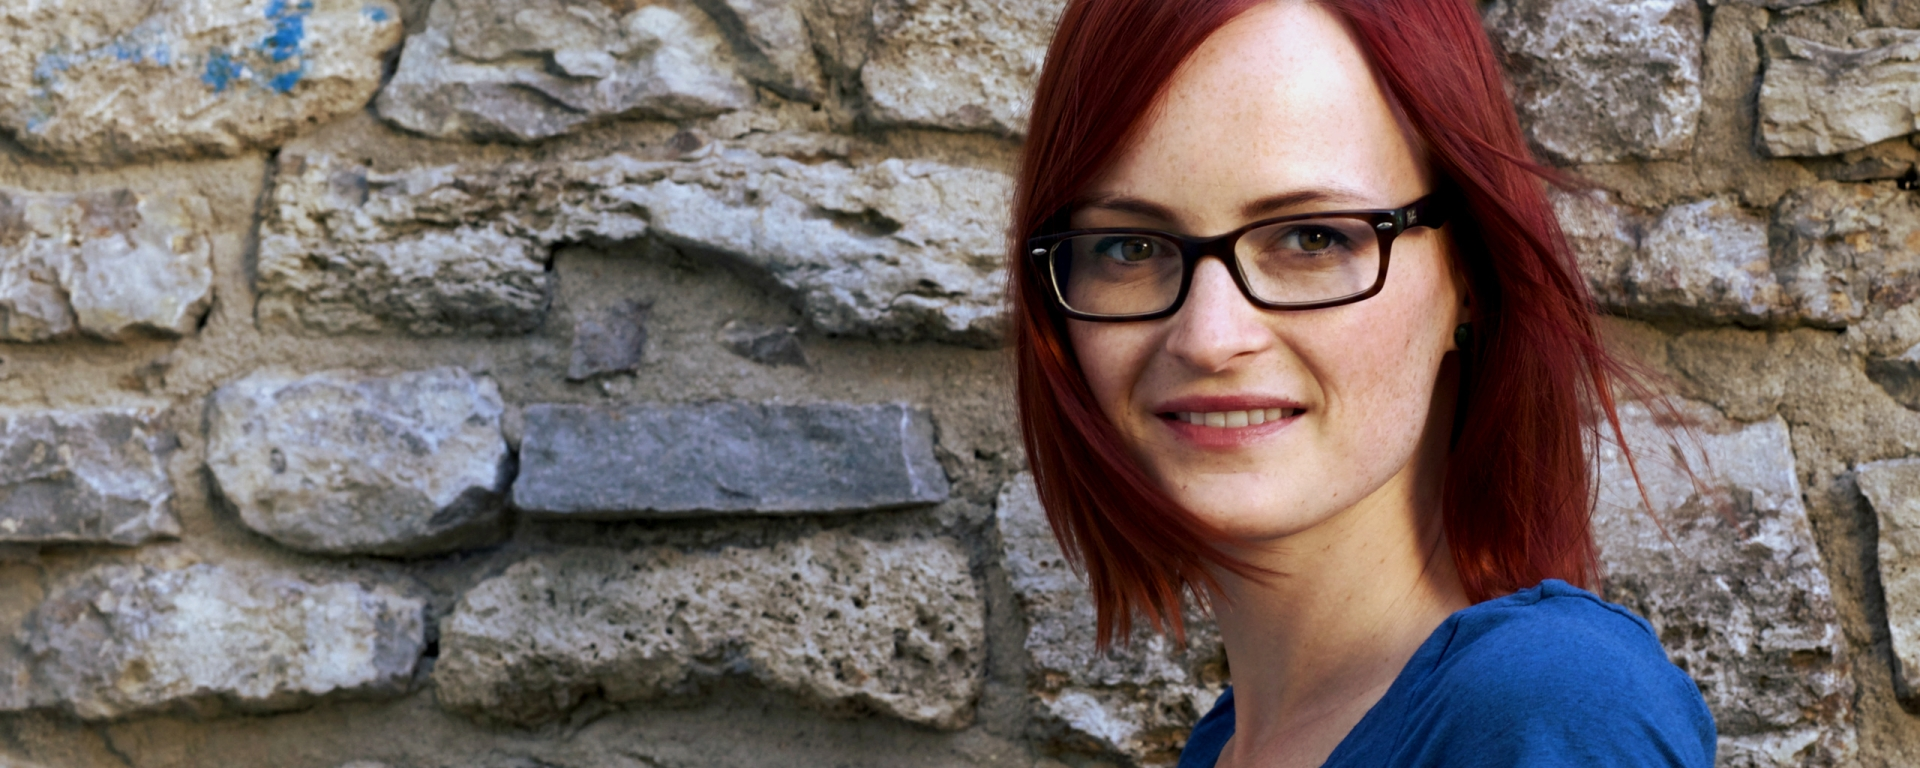 Medienforscherin Nele Heise (Foto: Lotta Heise)